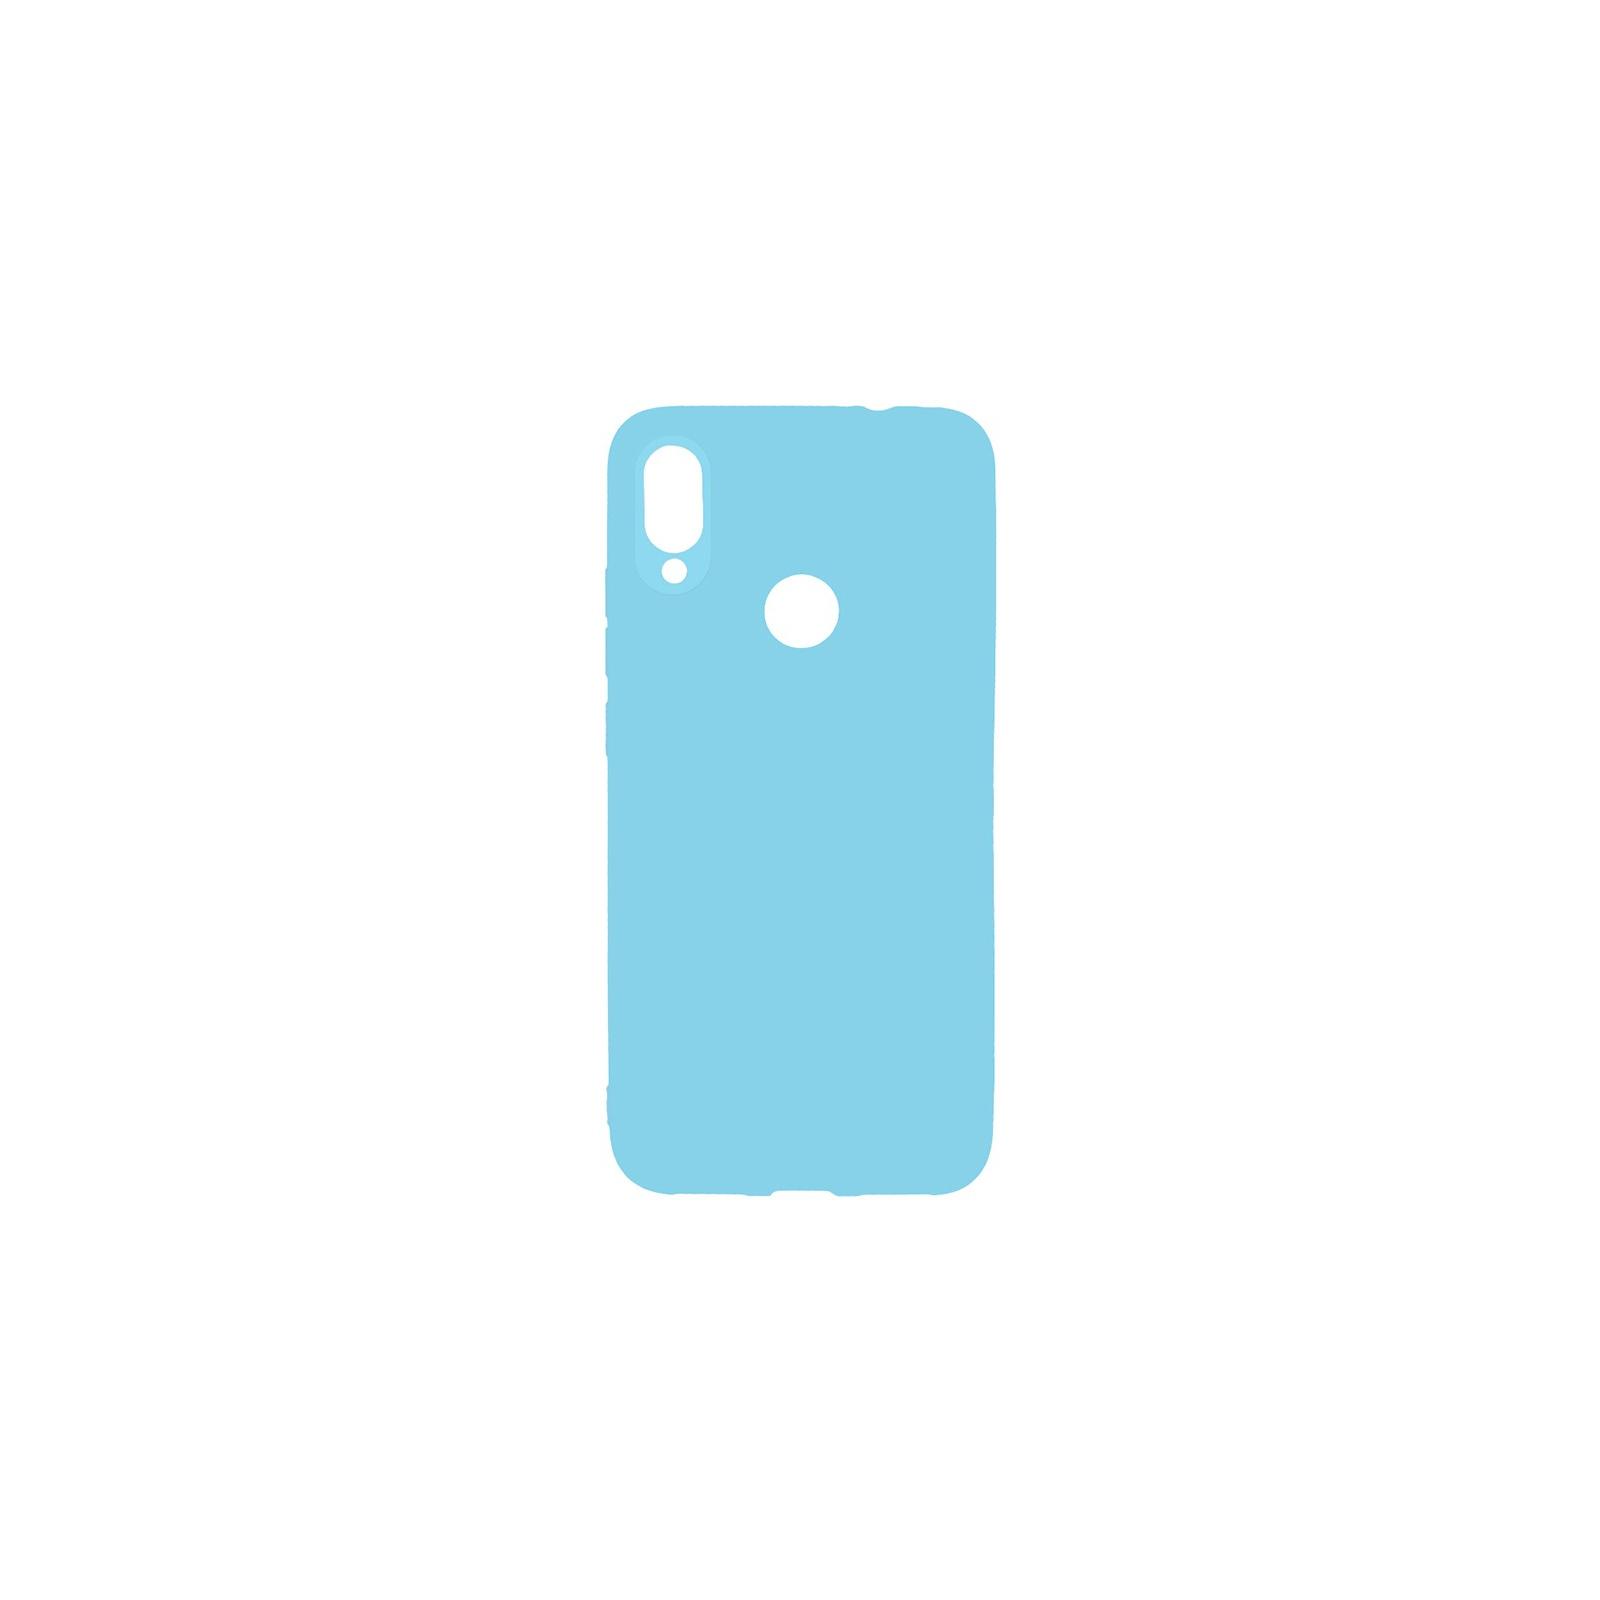 Чехол для моб. телефона Toto 1mm Matt TPU Case Xiaomi Redmi Note 7 Ocean Blue (F_94097)